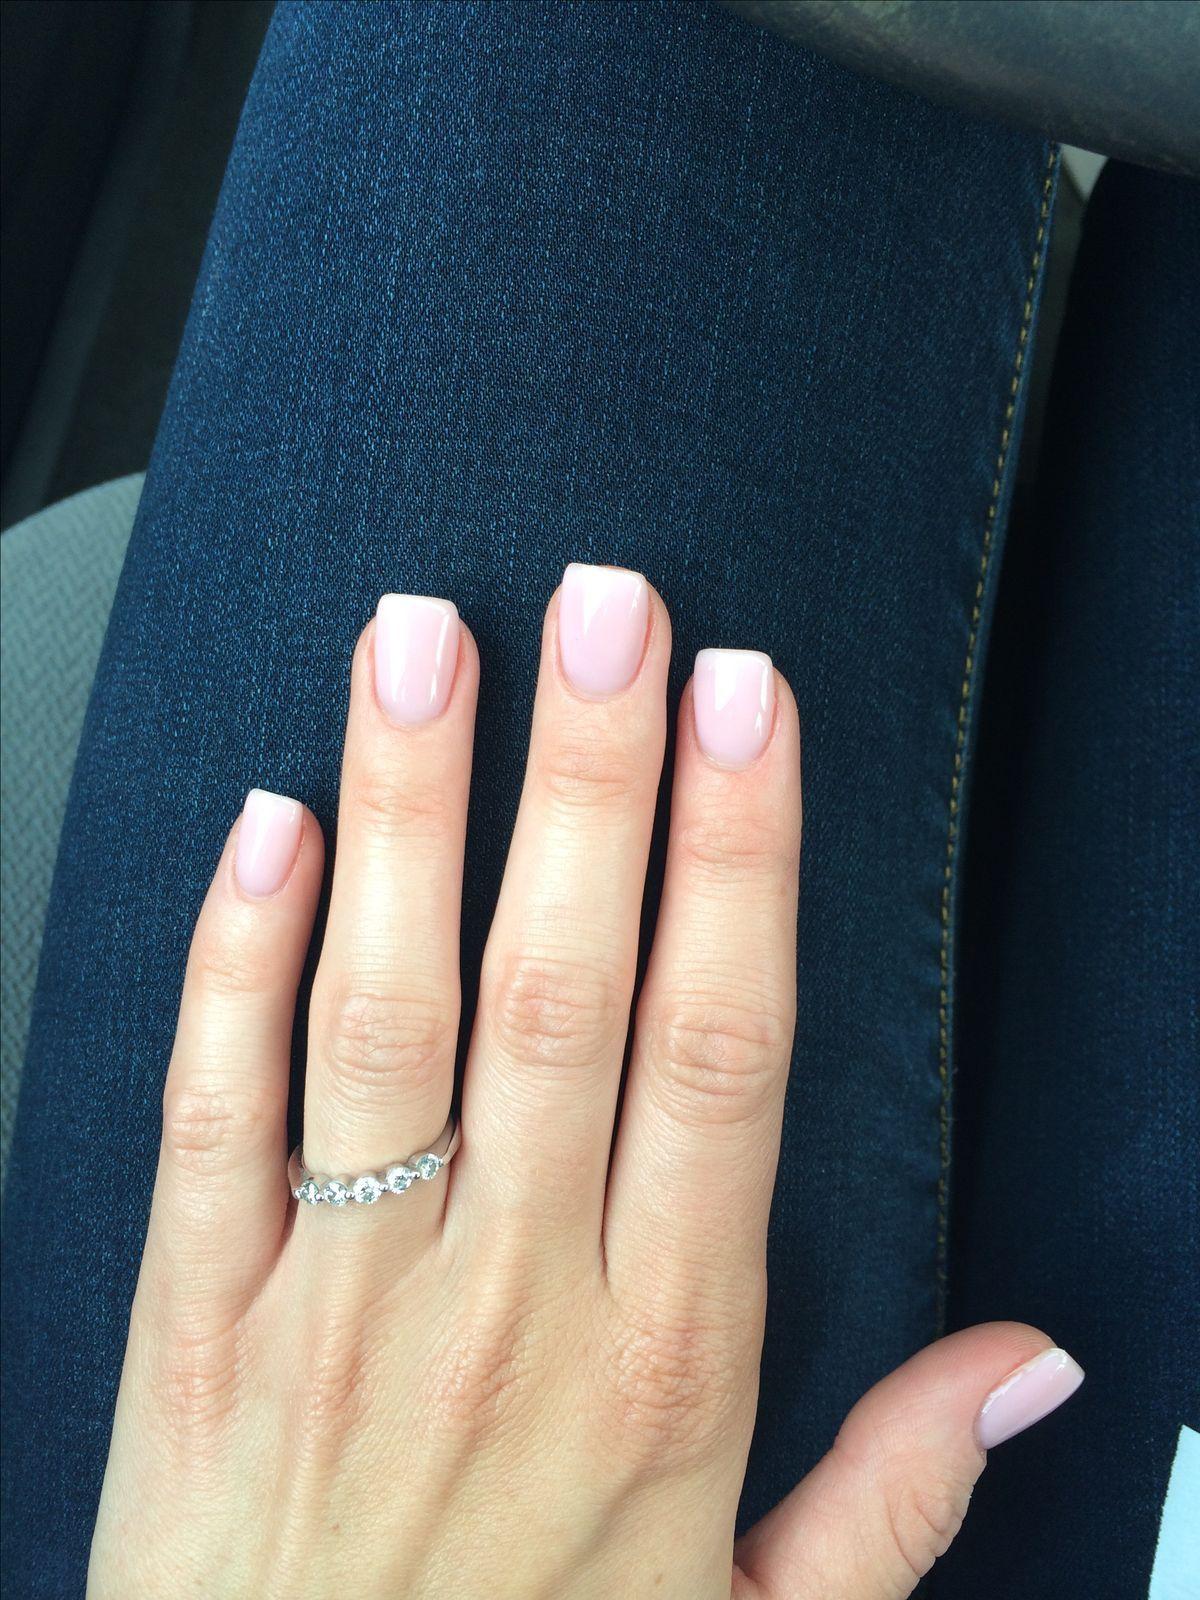 pincarla on nails | pinterest | makeup, hair makeup and mani pedi